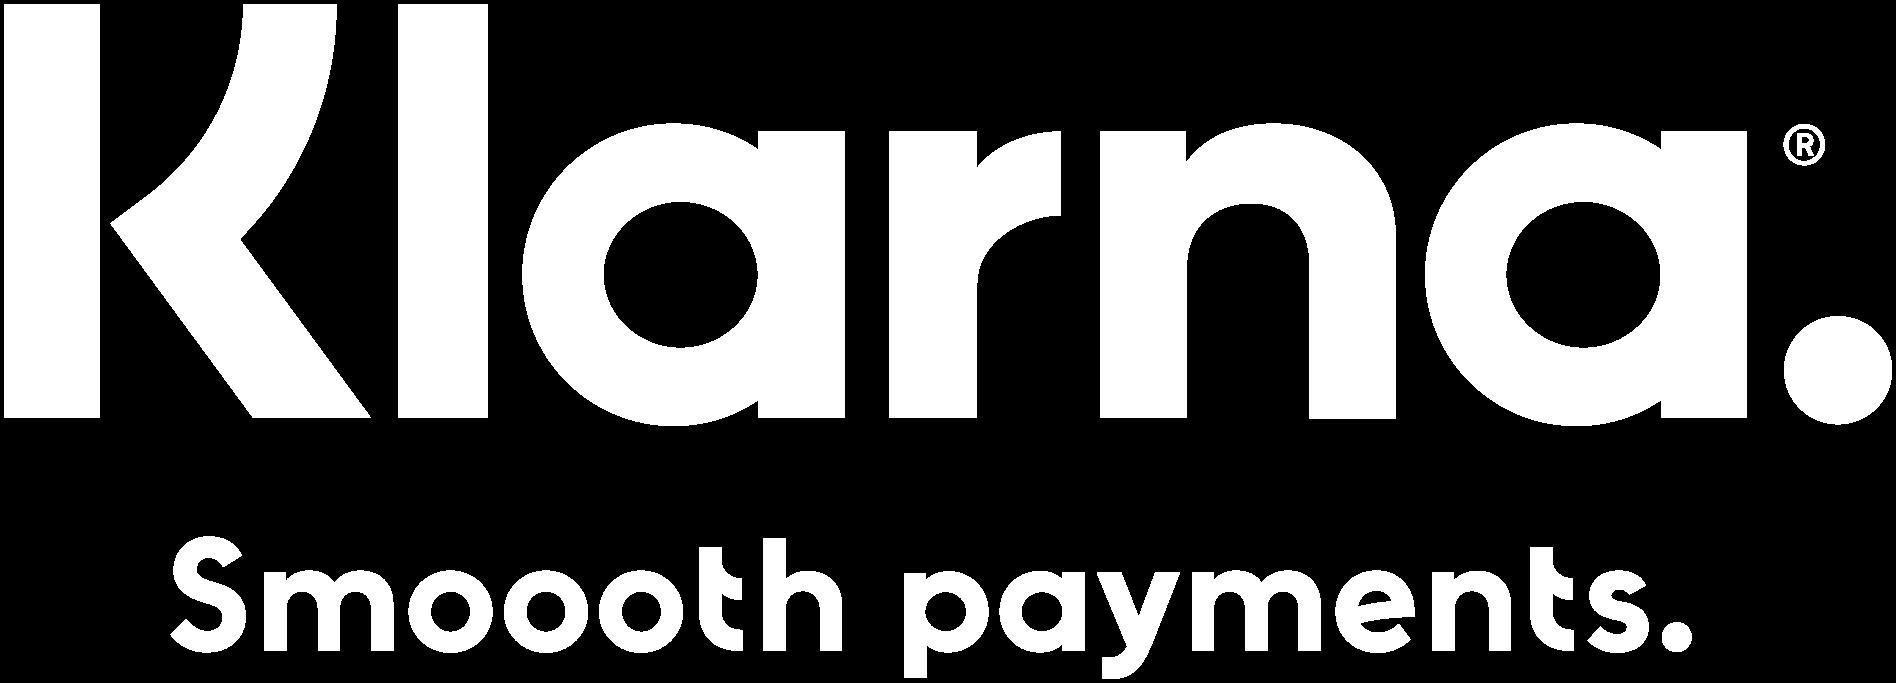 Pay with Klarna